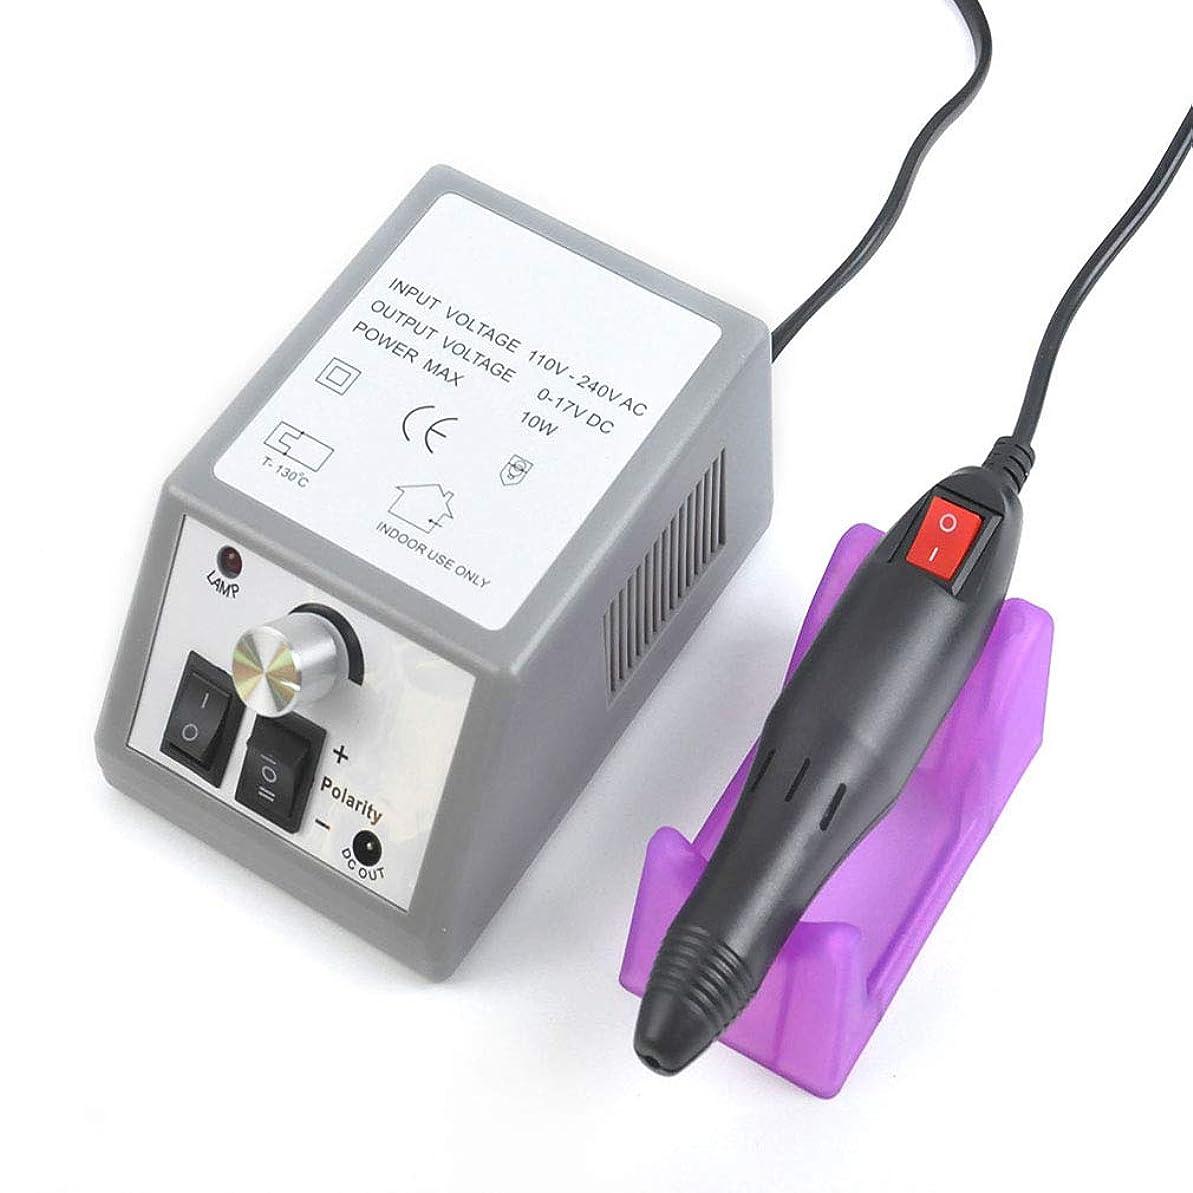 レンダリングホバー応じる20,000 rpmネイルドリル機電気ネイルファイルマニキュアペディキュアドリル用アクリルネイルサロン